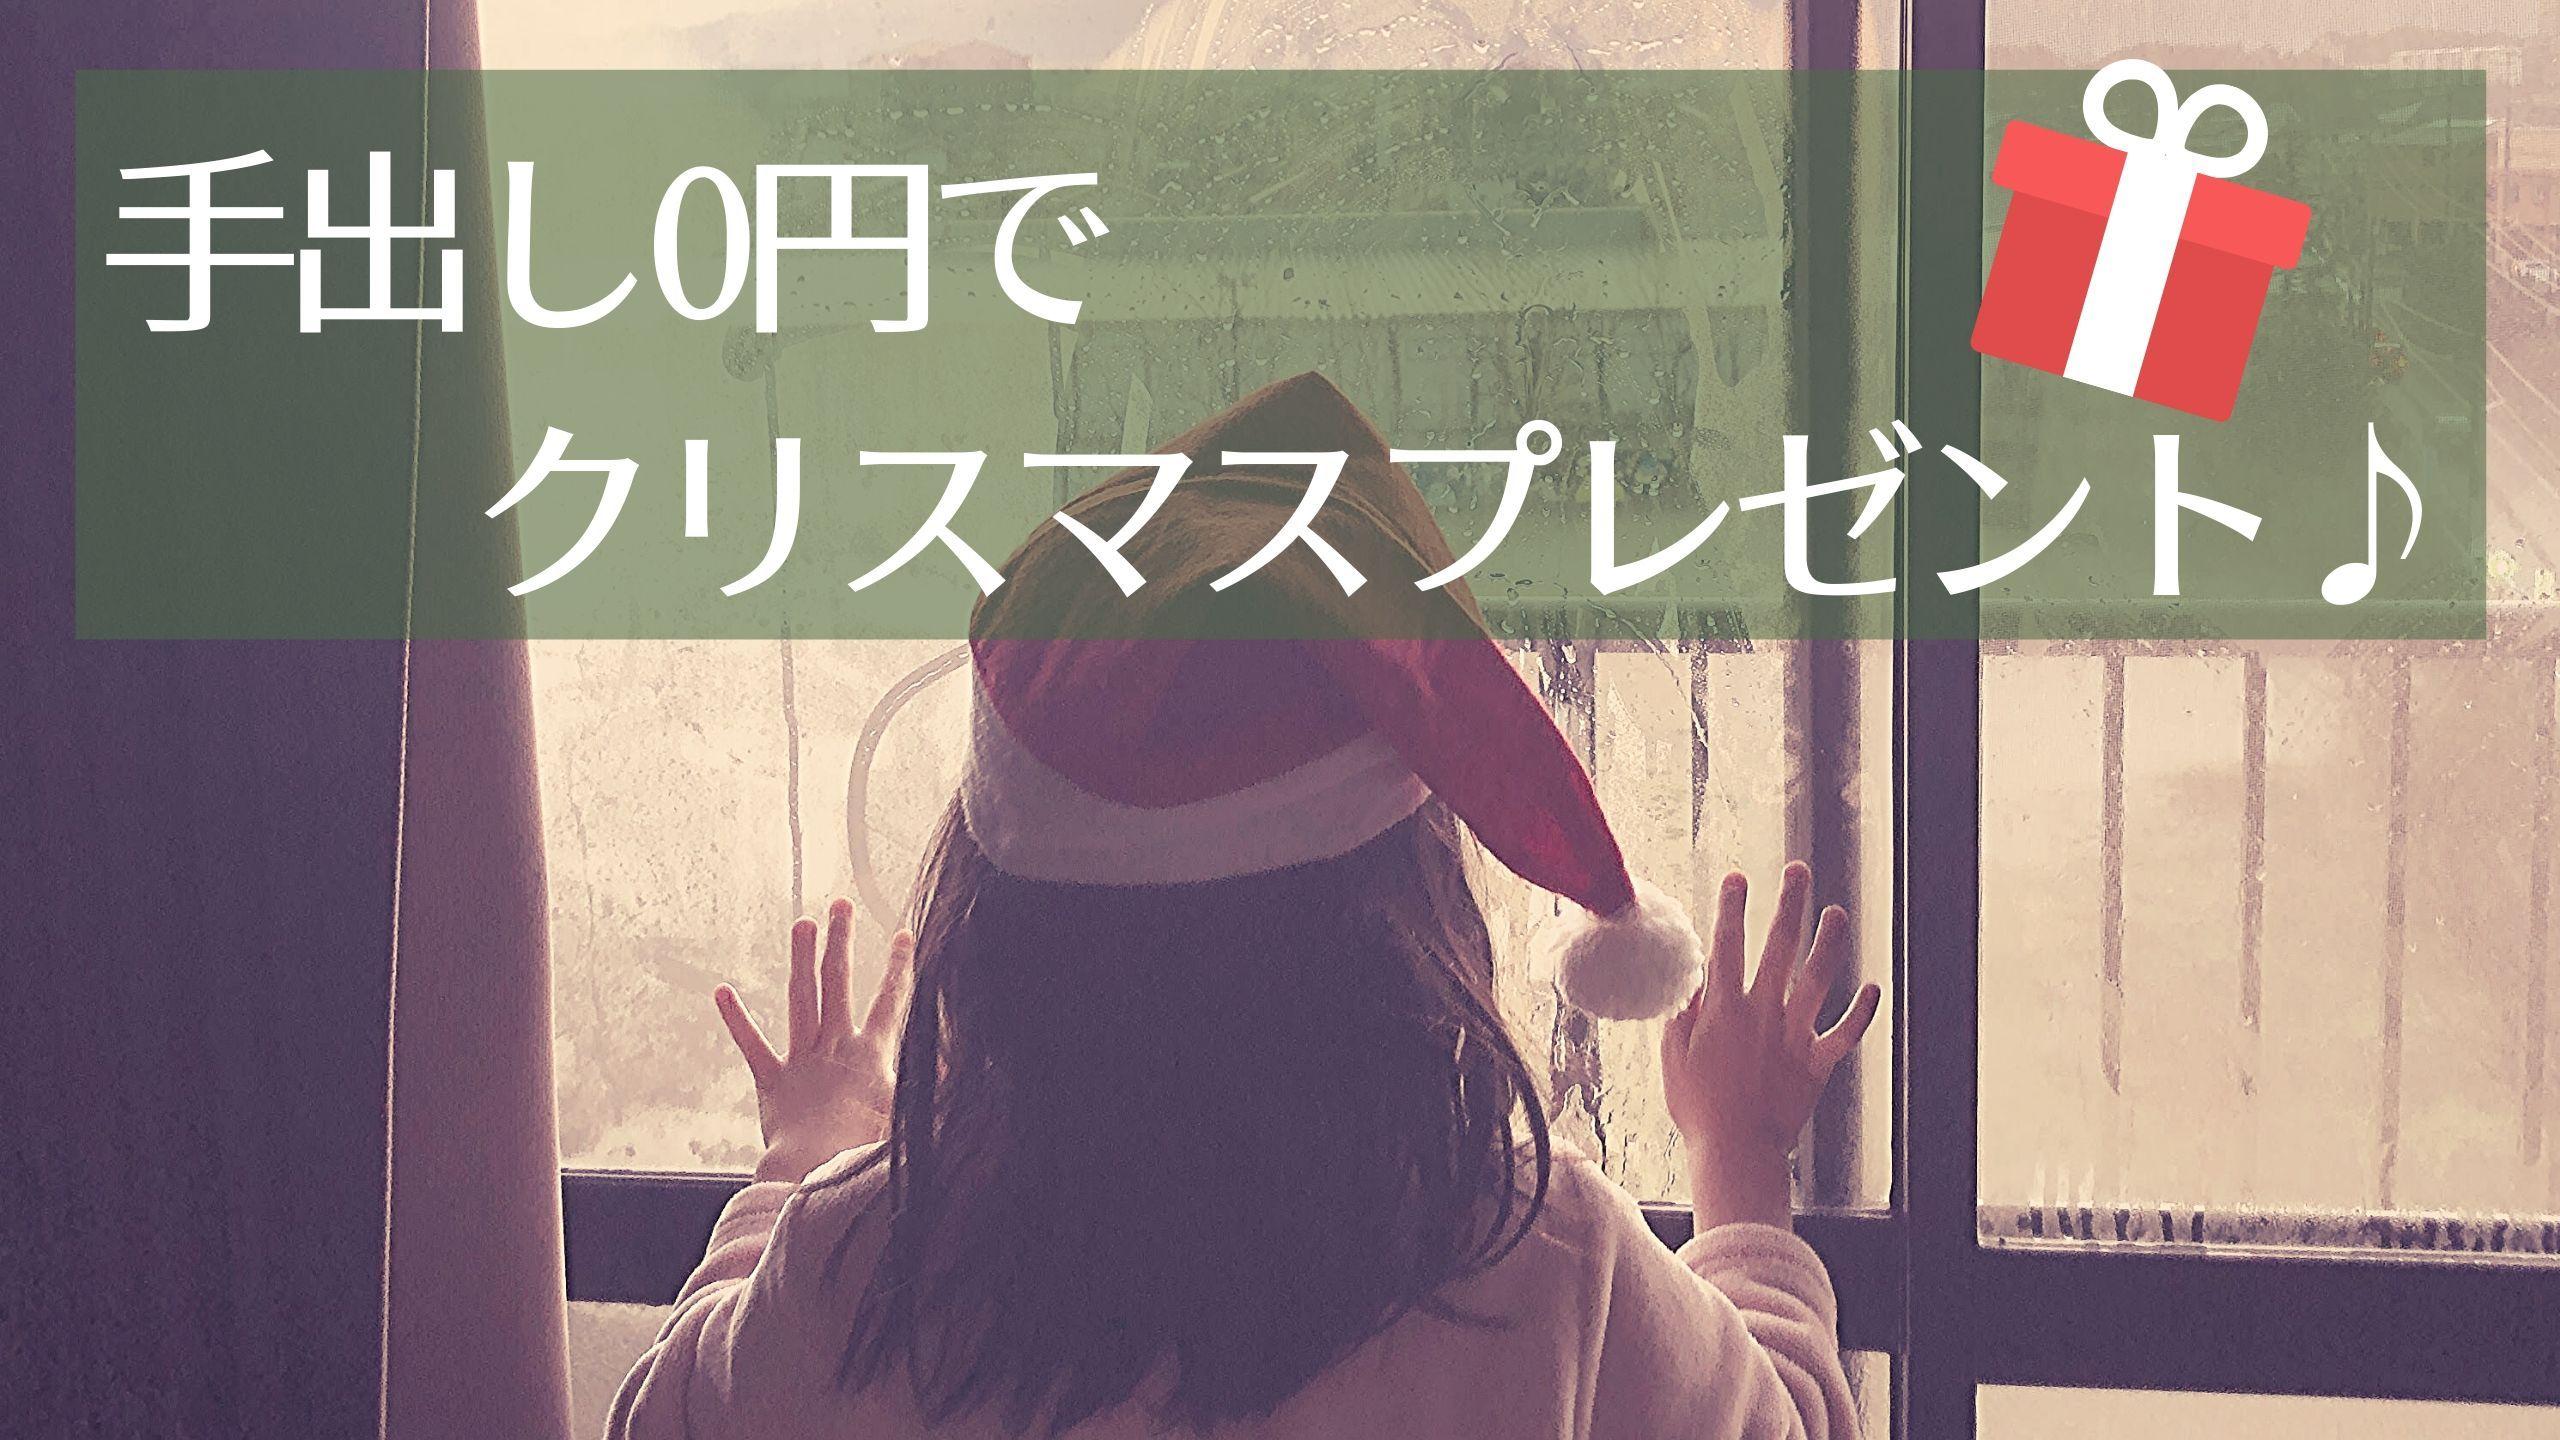 【母子家庭のコスパクリスマス】手出し0円でクリスマスプレゼント購入!   シングルマザーTips